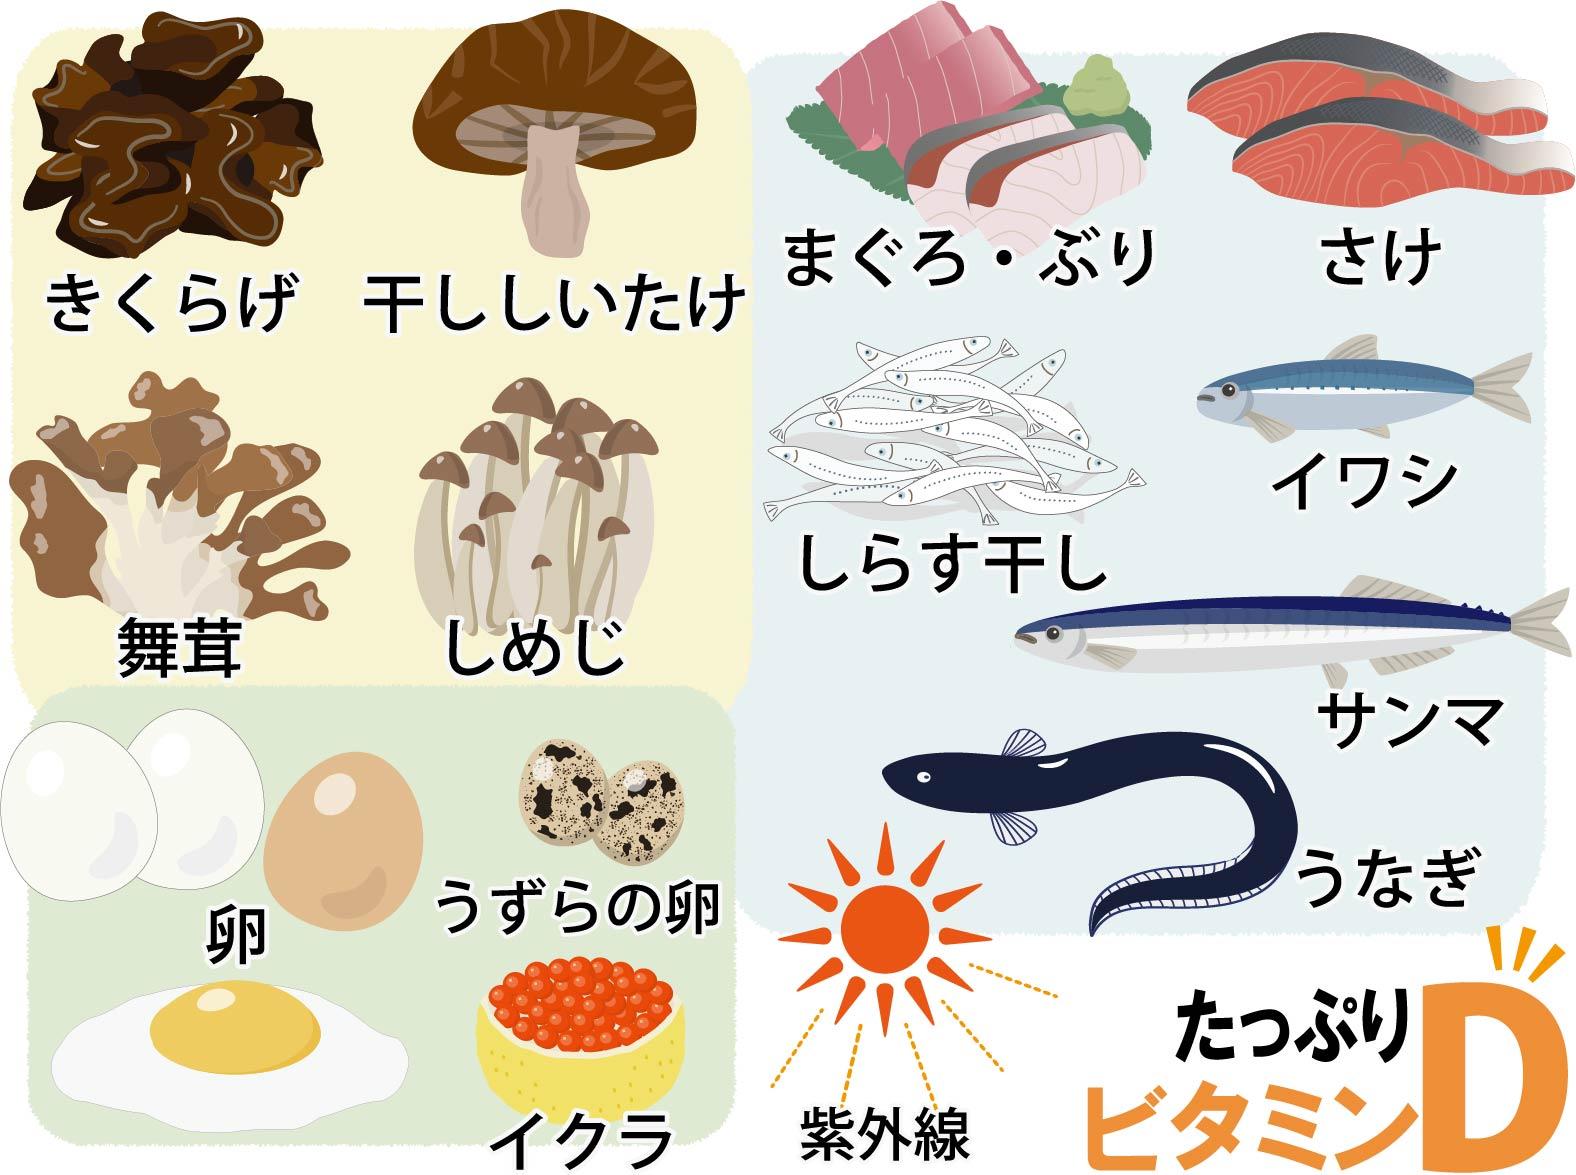 ビタミンDの豊富な食品